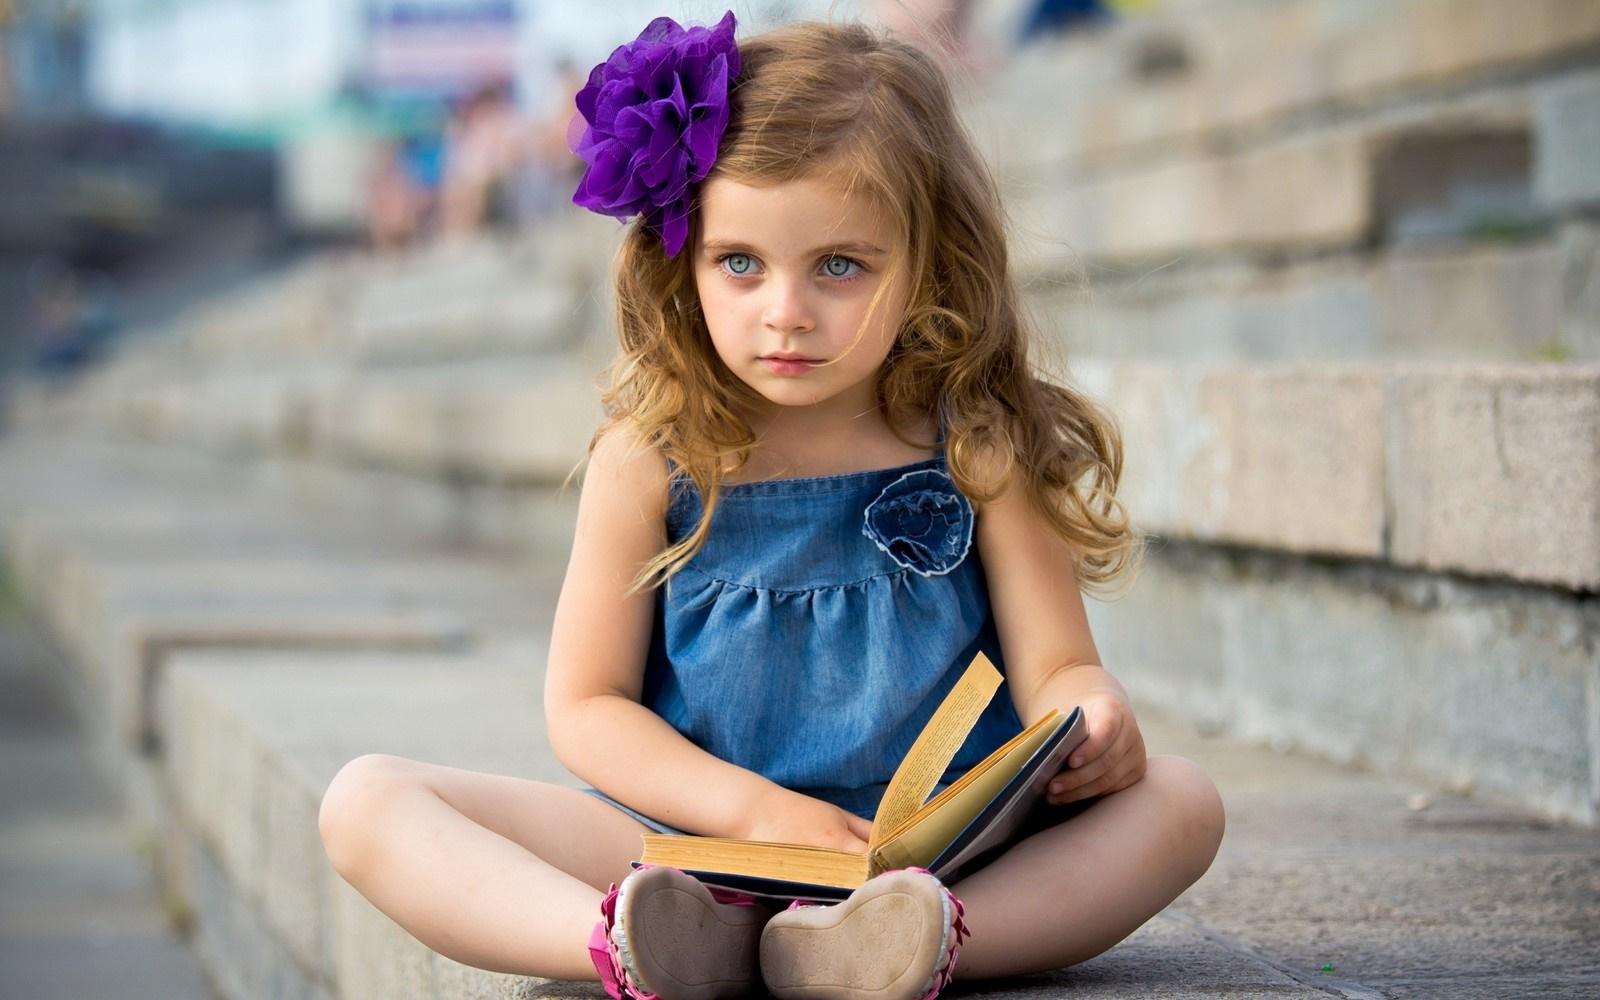 بالصور اجمل بنات اطفال , لمسات تلمس القلب من ابتسامه صغيره من طفله 1256 10